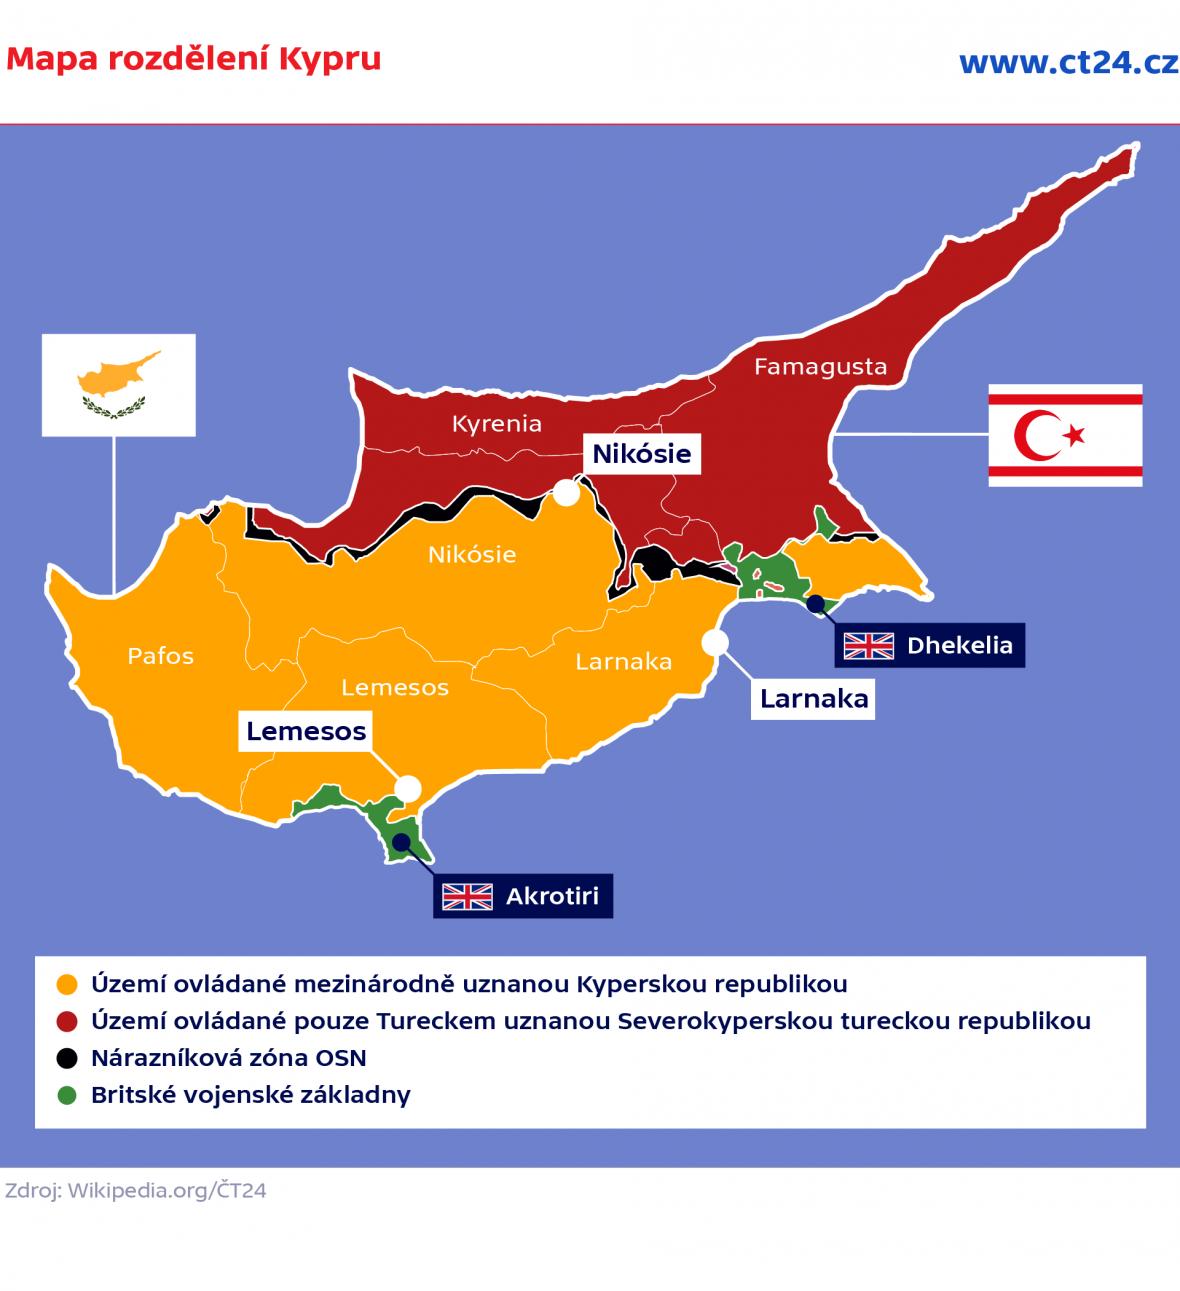 Mapa rozdělení Kypru